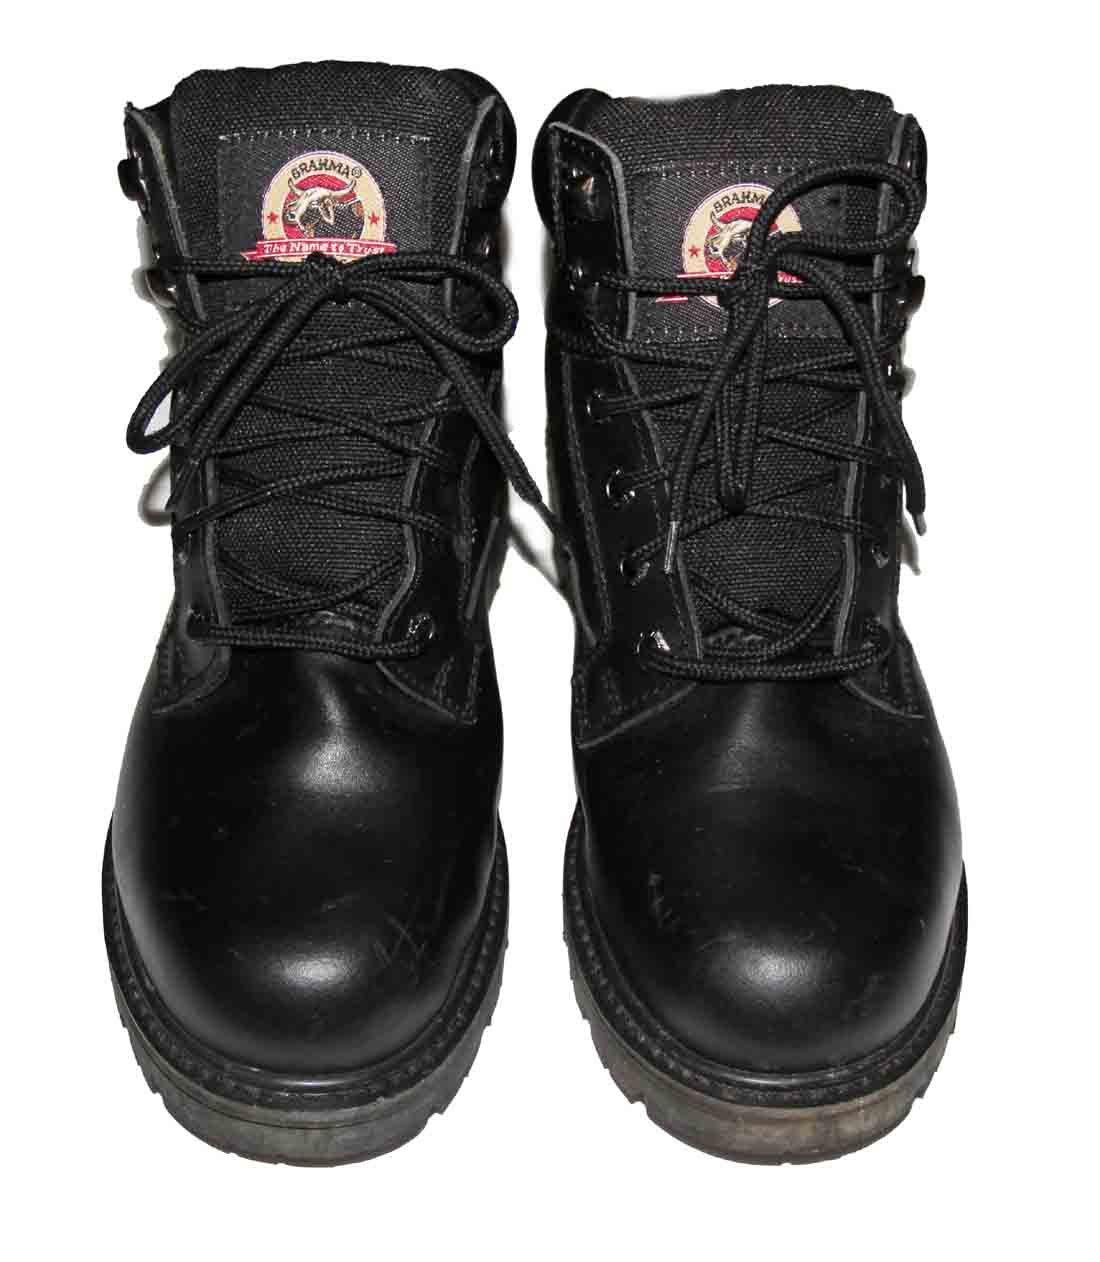 Brahma Gus Steel Toe Work Boots Black Leather Men's Size 8.5W